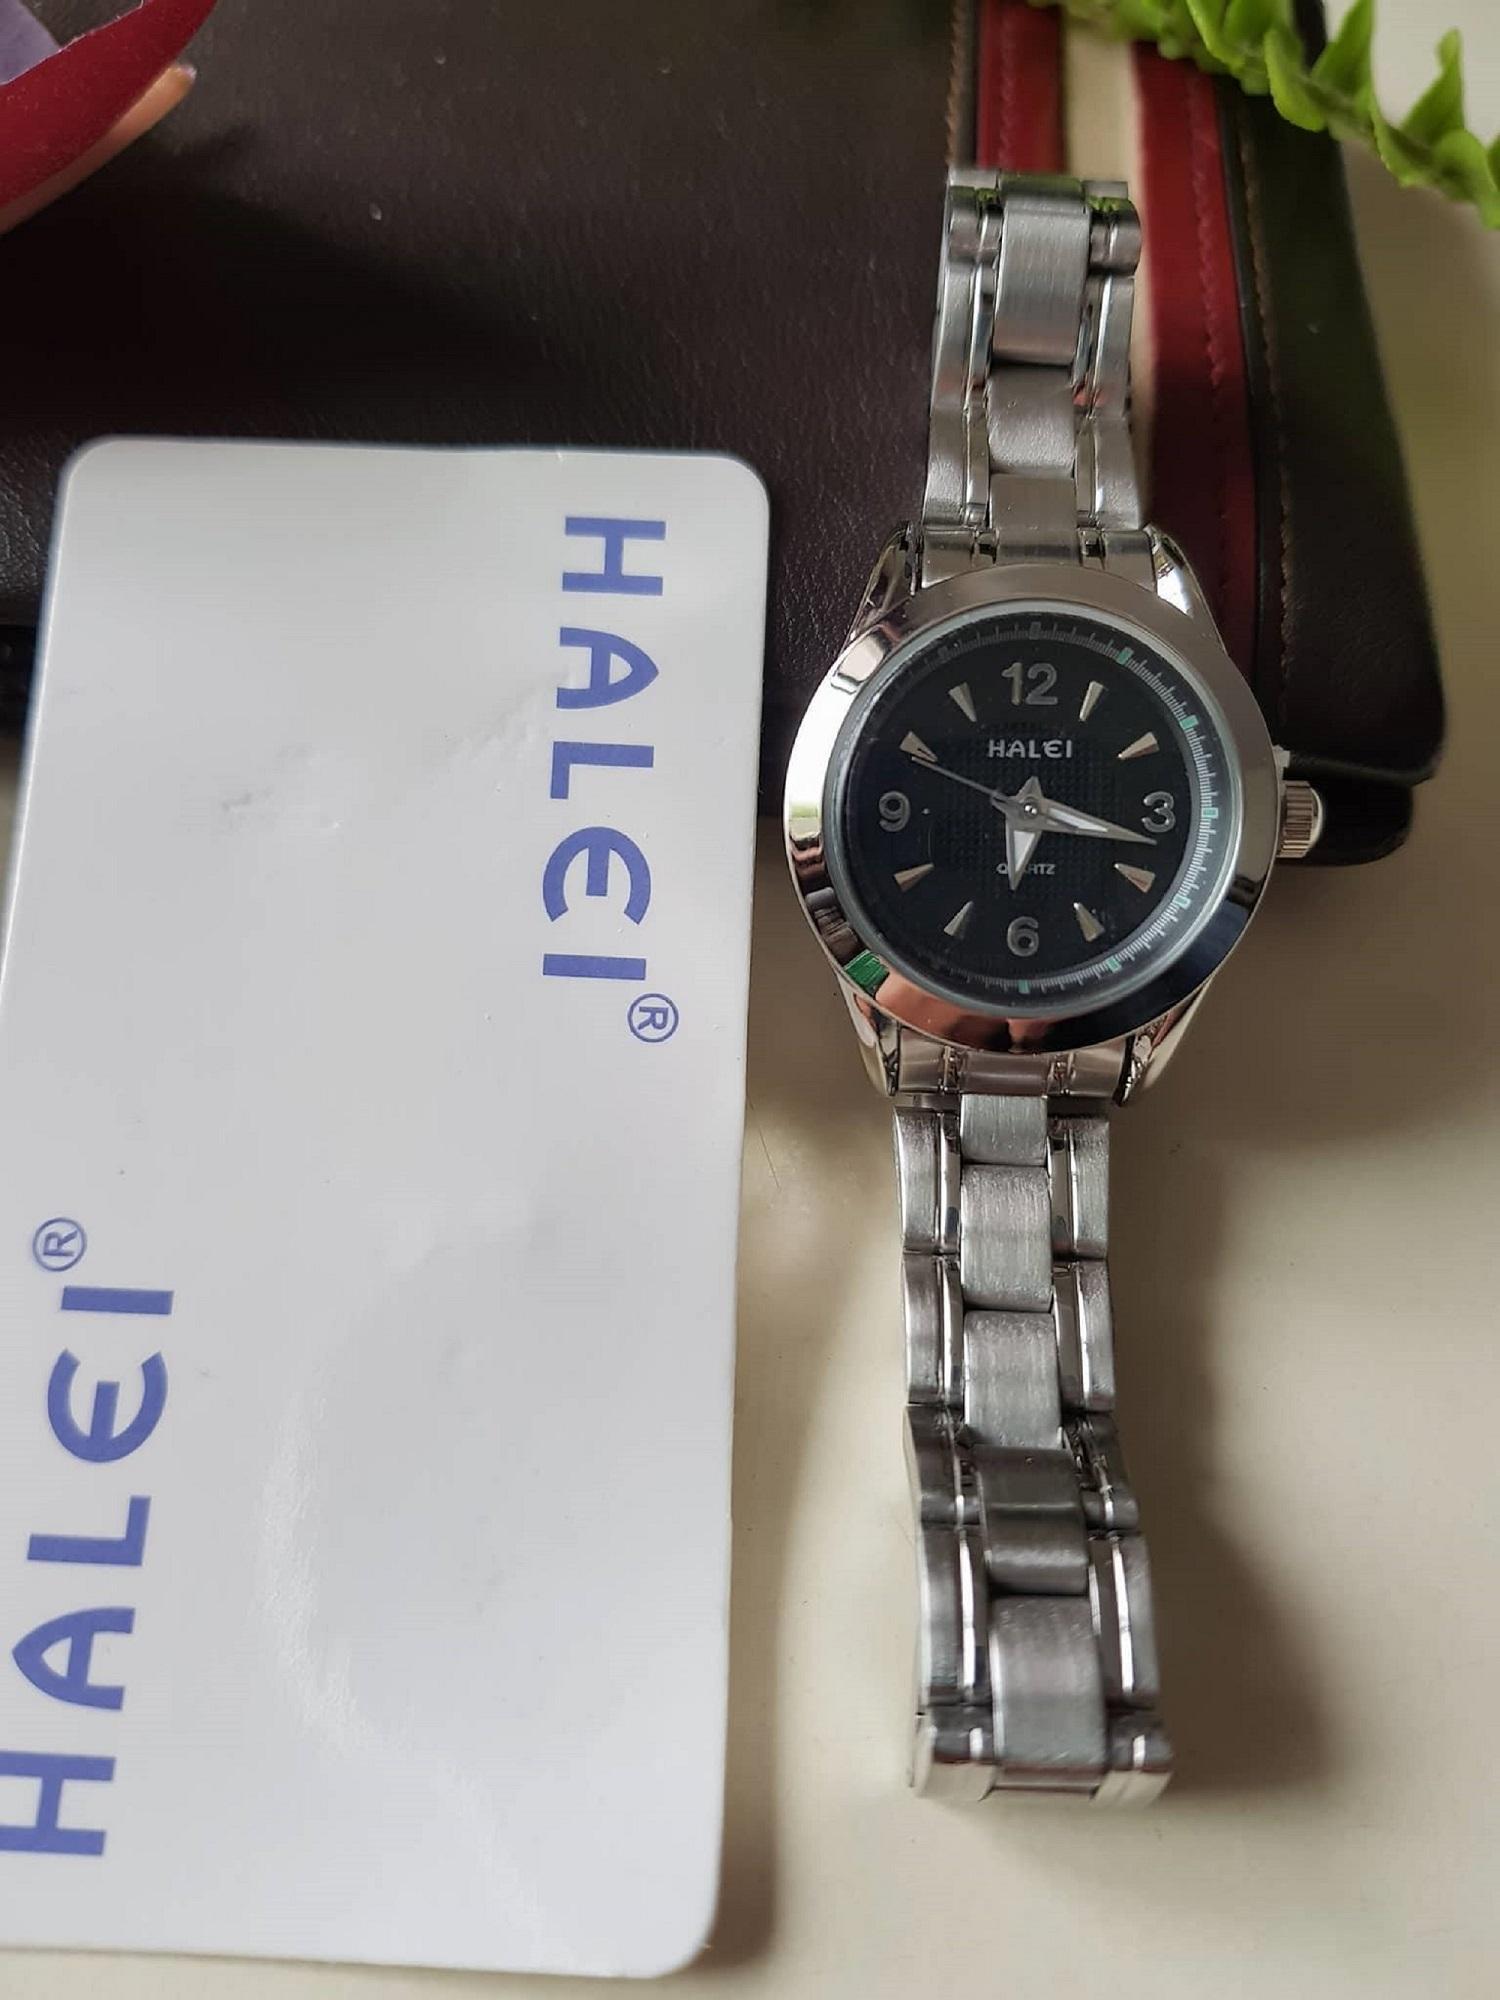 Đồng Hồ Halei Nữ Mặt Nhỏ Quý Phai Ảnh Thật No Brand Hàn Quốc Chiết Khấu 40